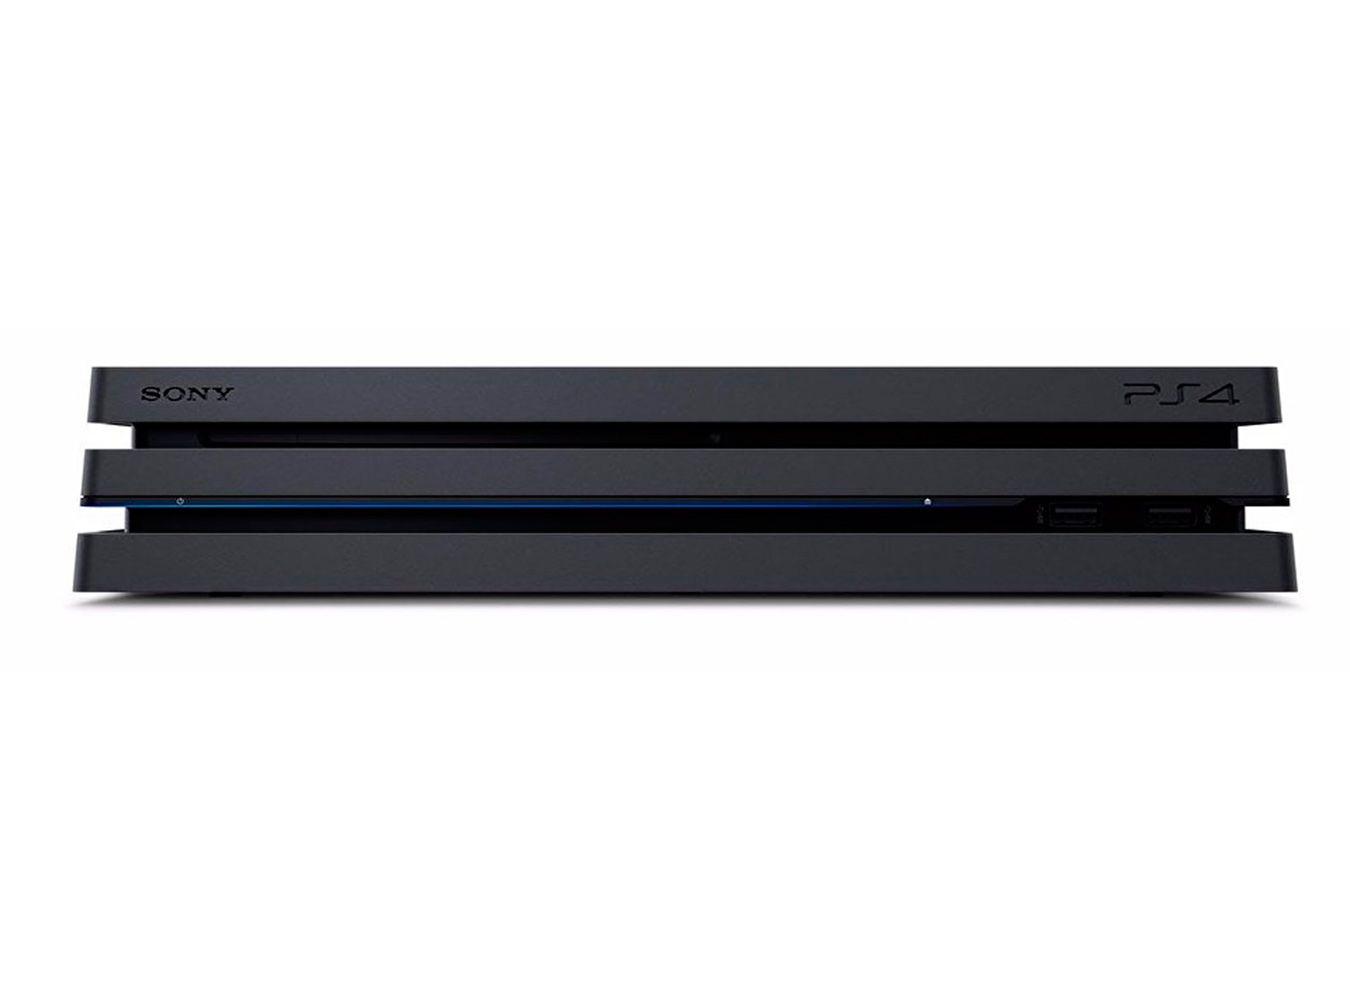 PS4 Pro 2 джойстика изображение 2